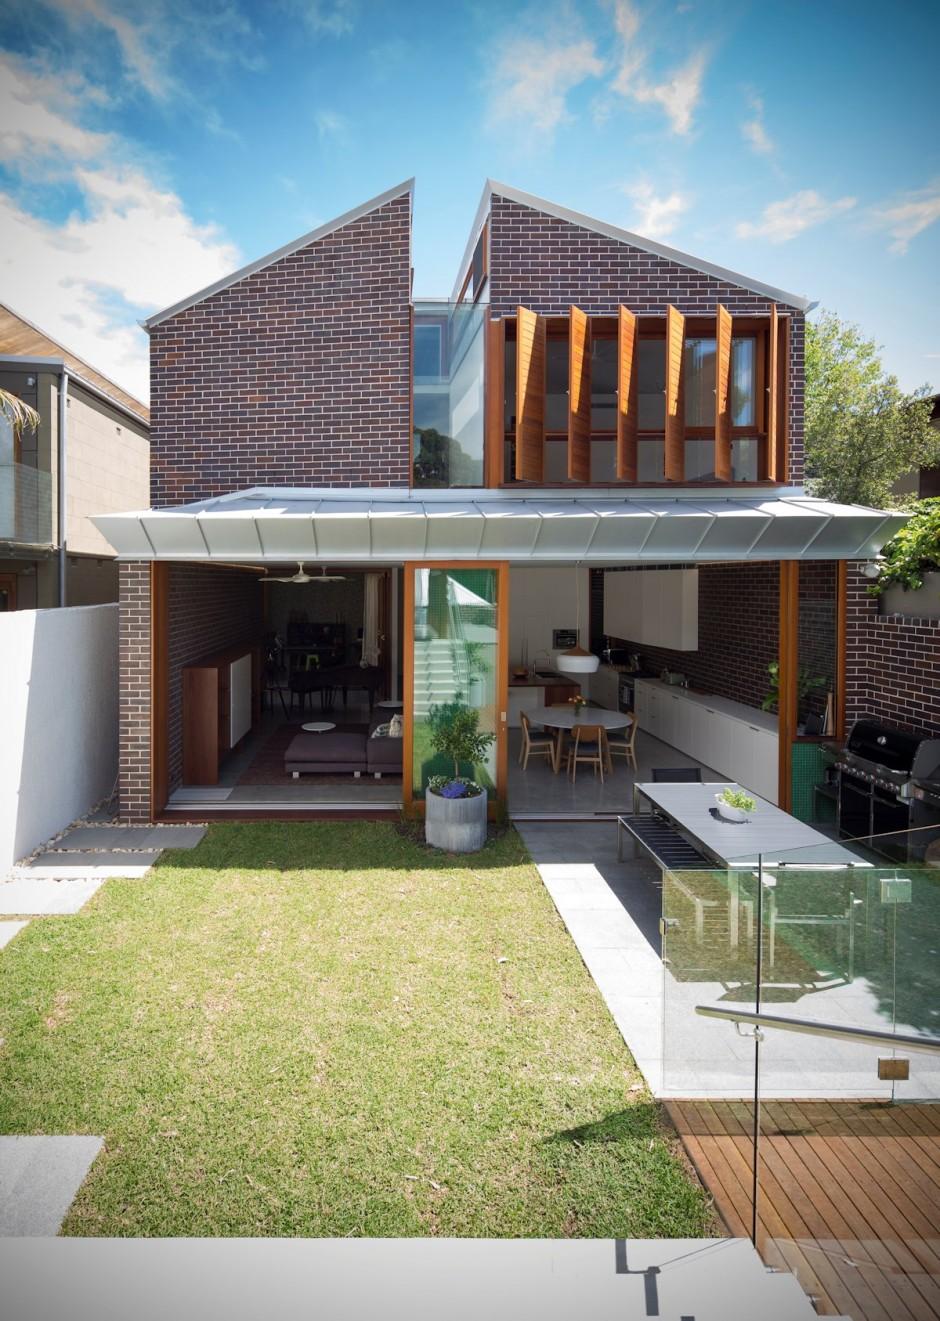 Dise o de casa moderna de dos pisos en terreno largo for Diseno de fachadas